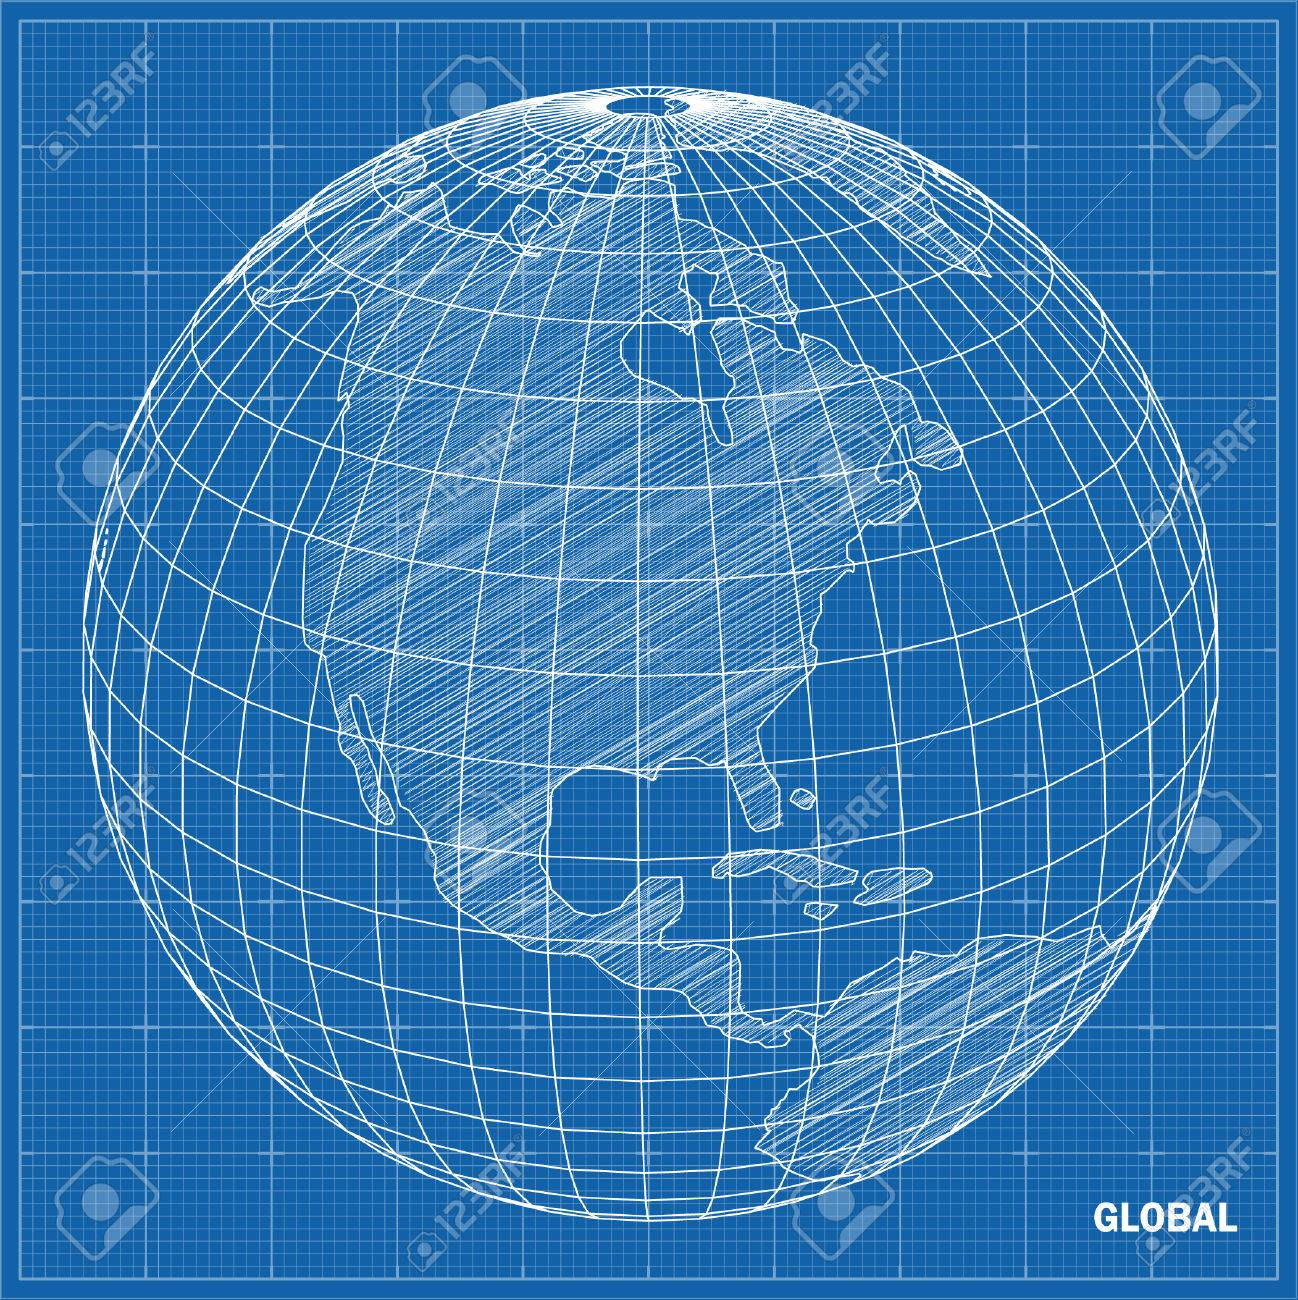 Global sphere blueprint Vector illustration - 25815807